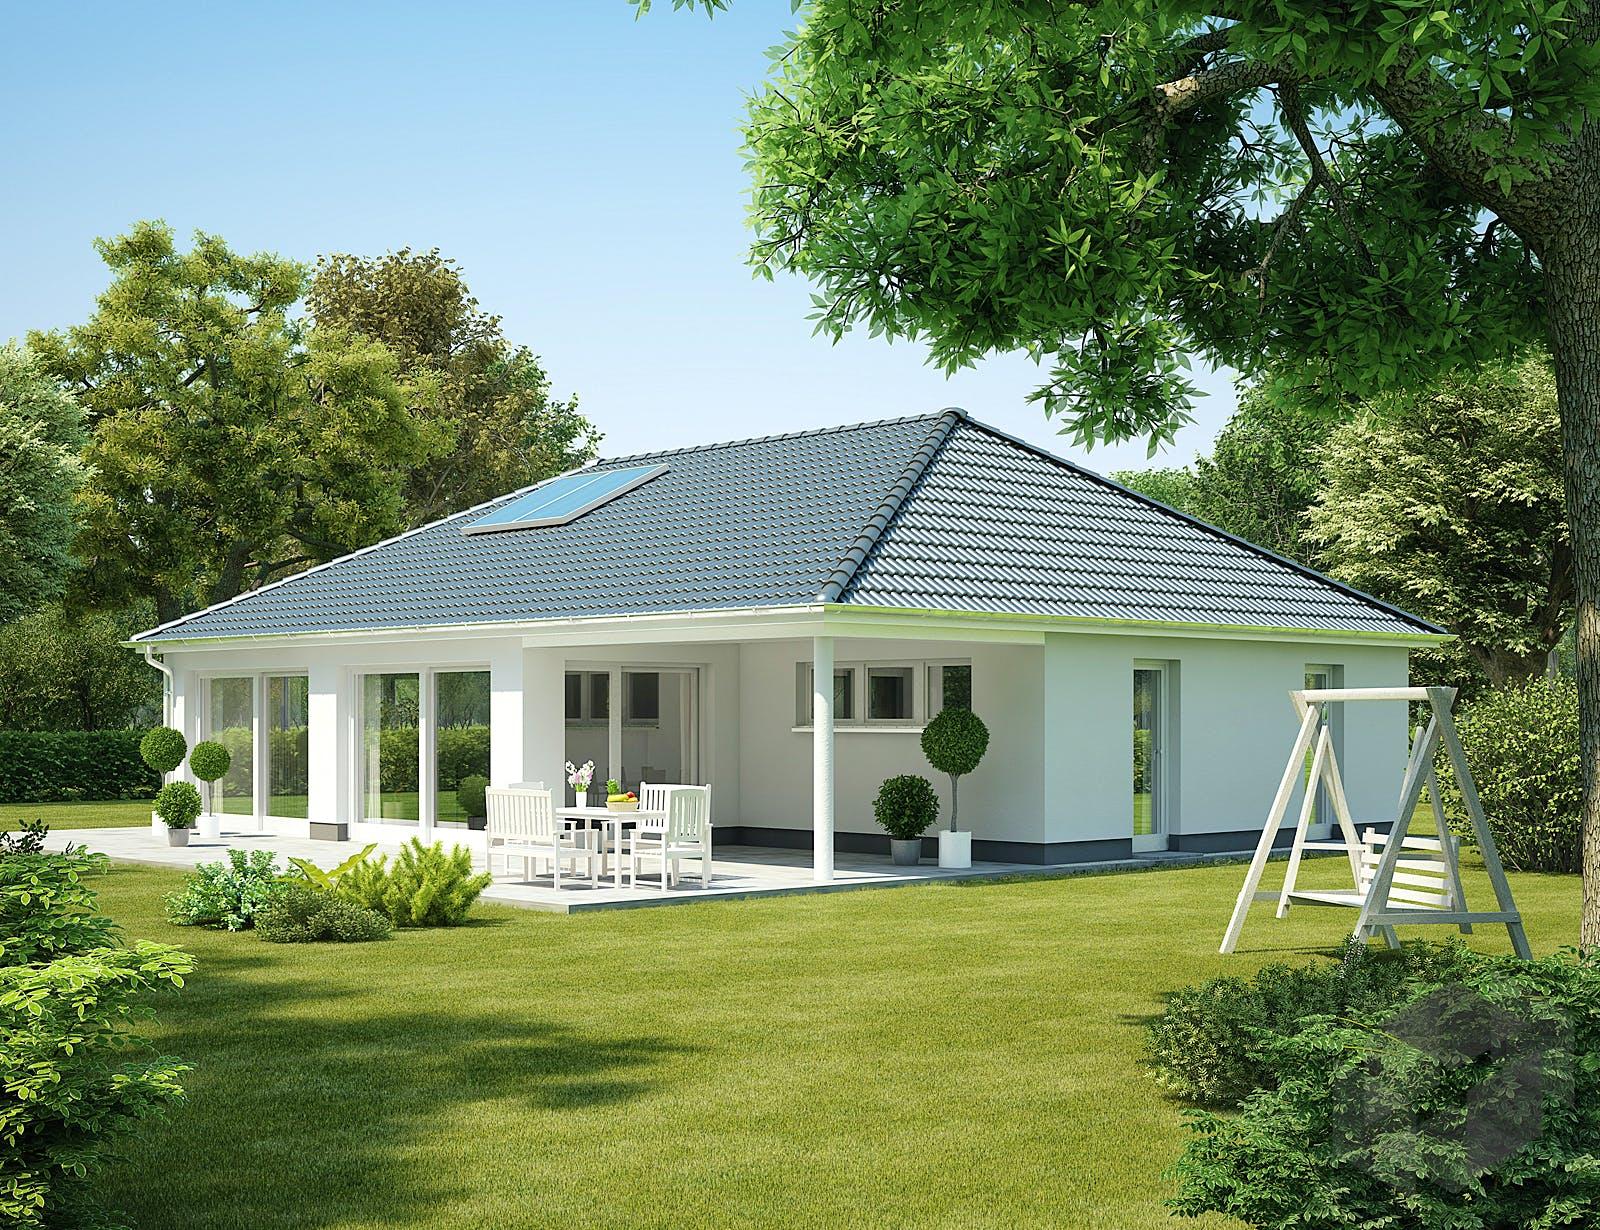 Bezaubernd Heinz Von Heiden Häuser Preise Das Beste Von Bungalow M3000 Massivhäuser | Komplette Datenübersicht -